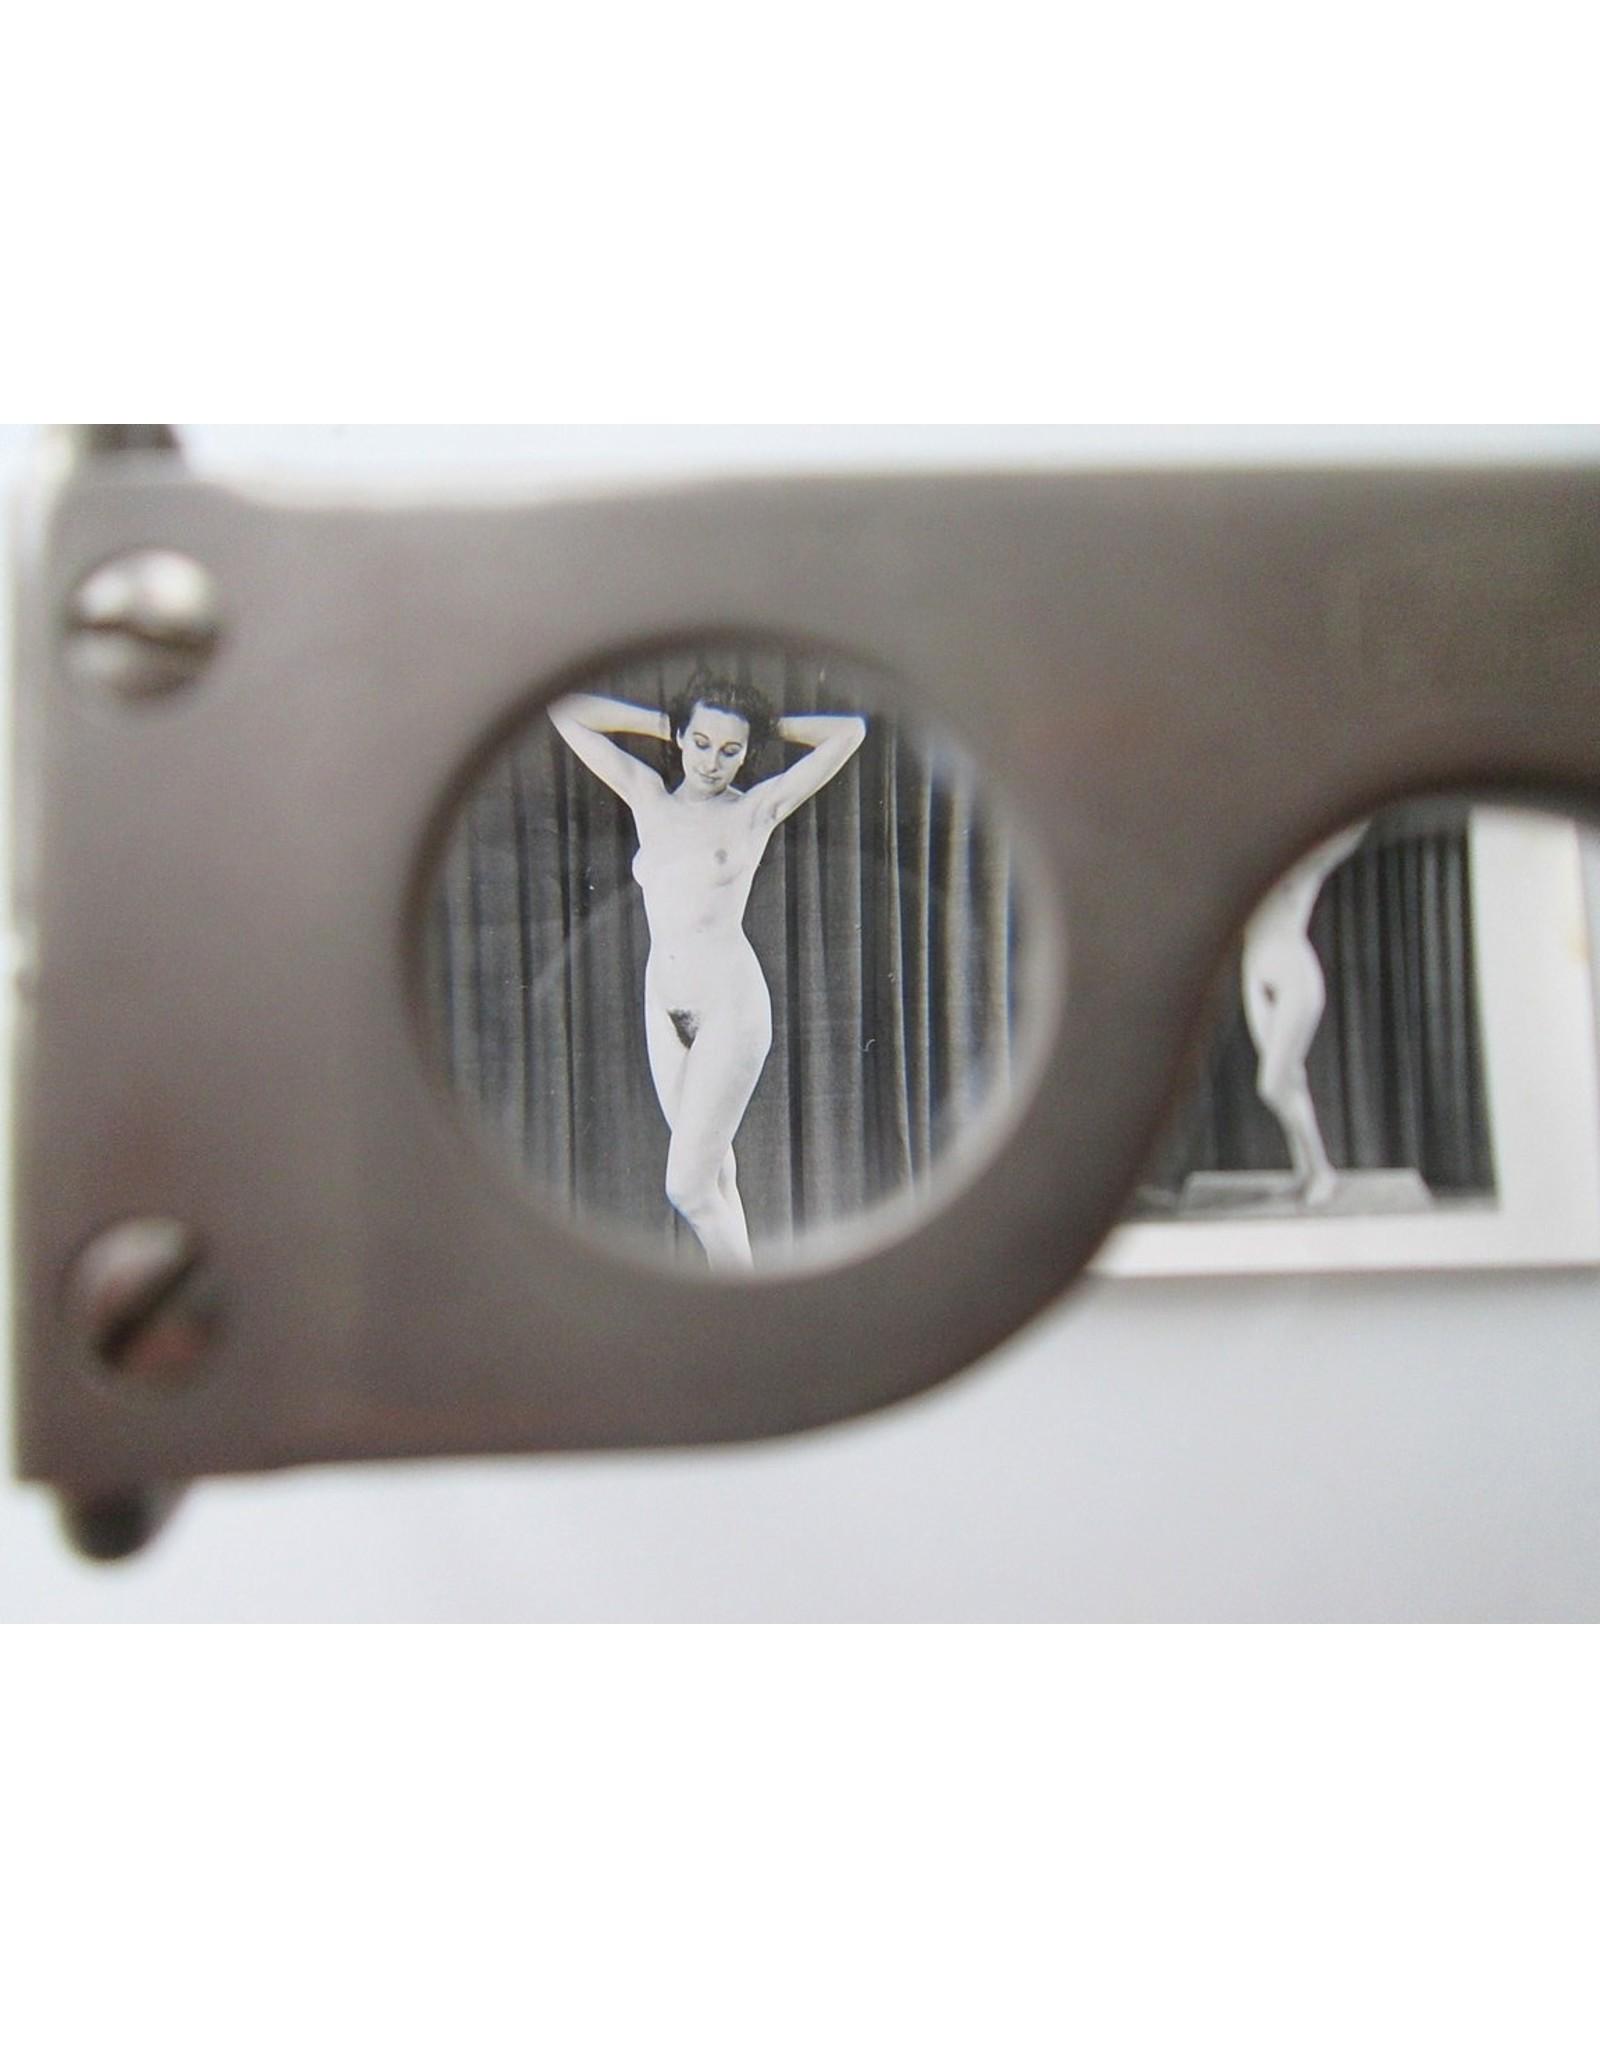 [Fotografica] [Zeiss-Aerotograph + 11 erotische stereofoto's uit] Martins Kunstmappen Serie 1